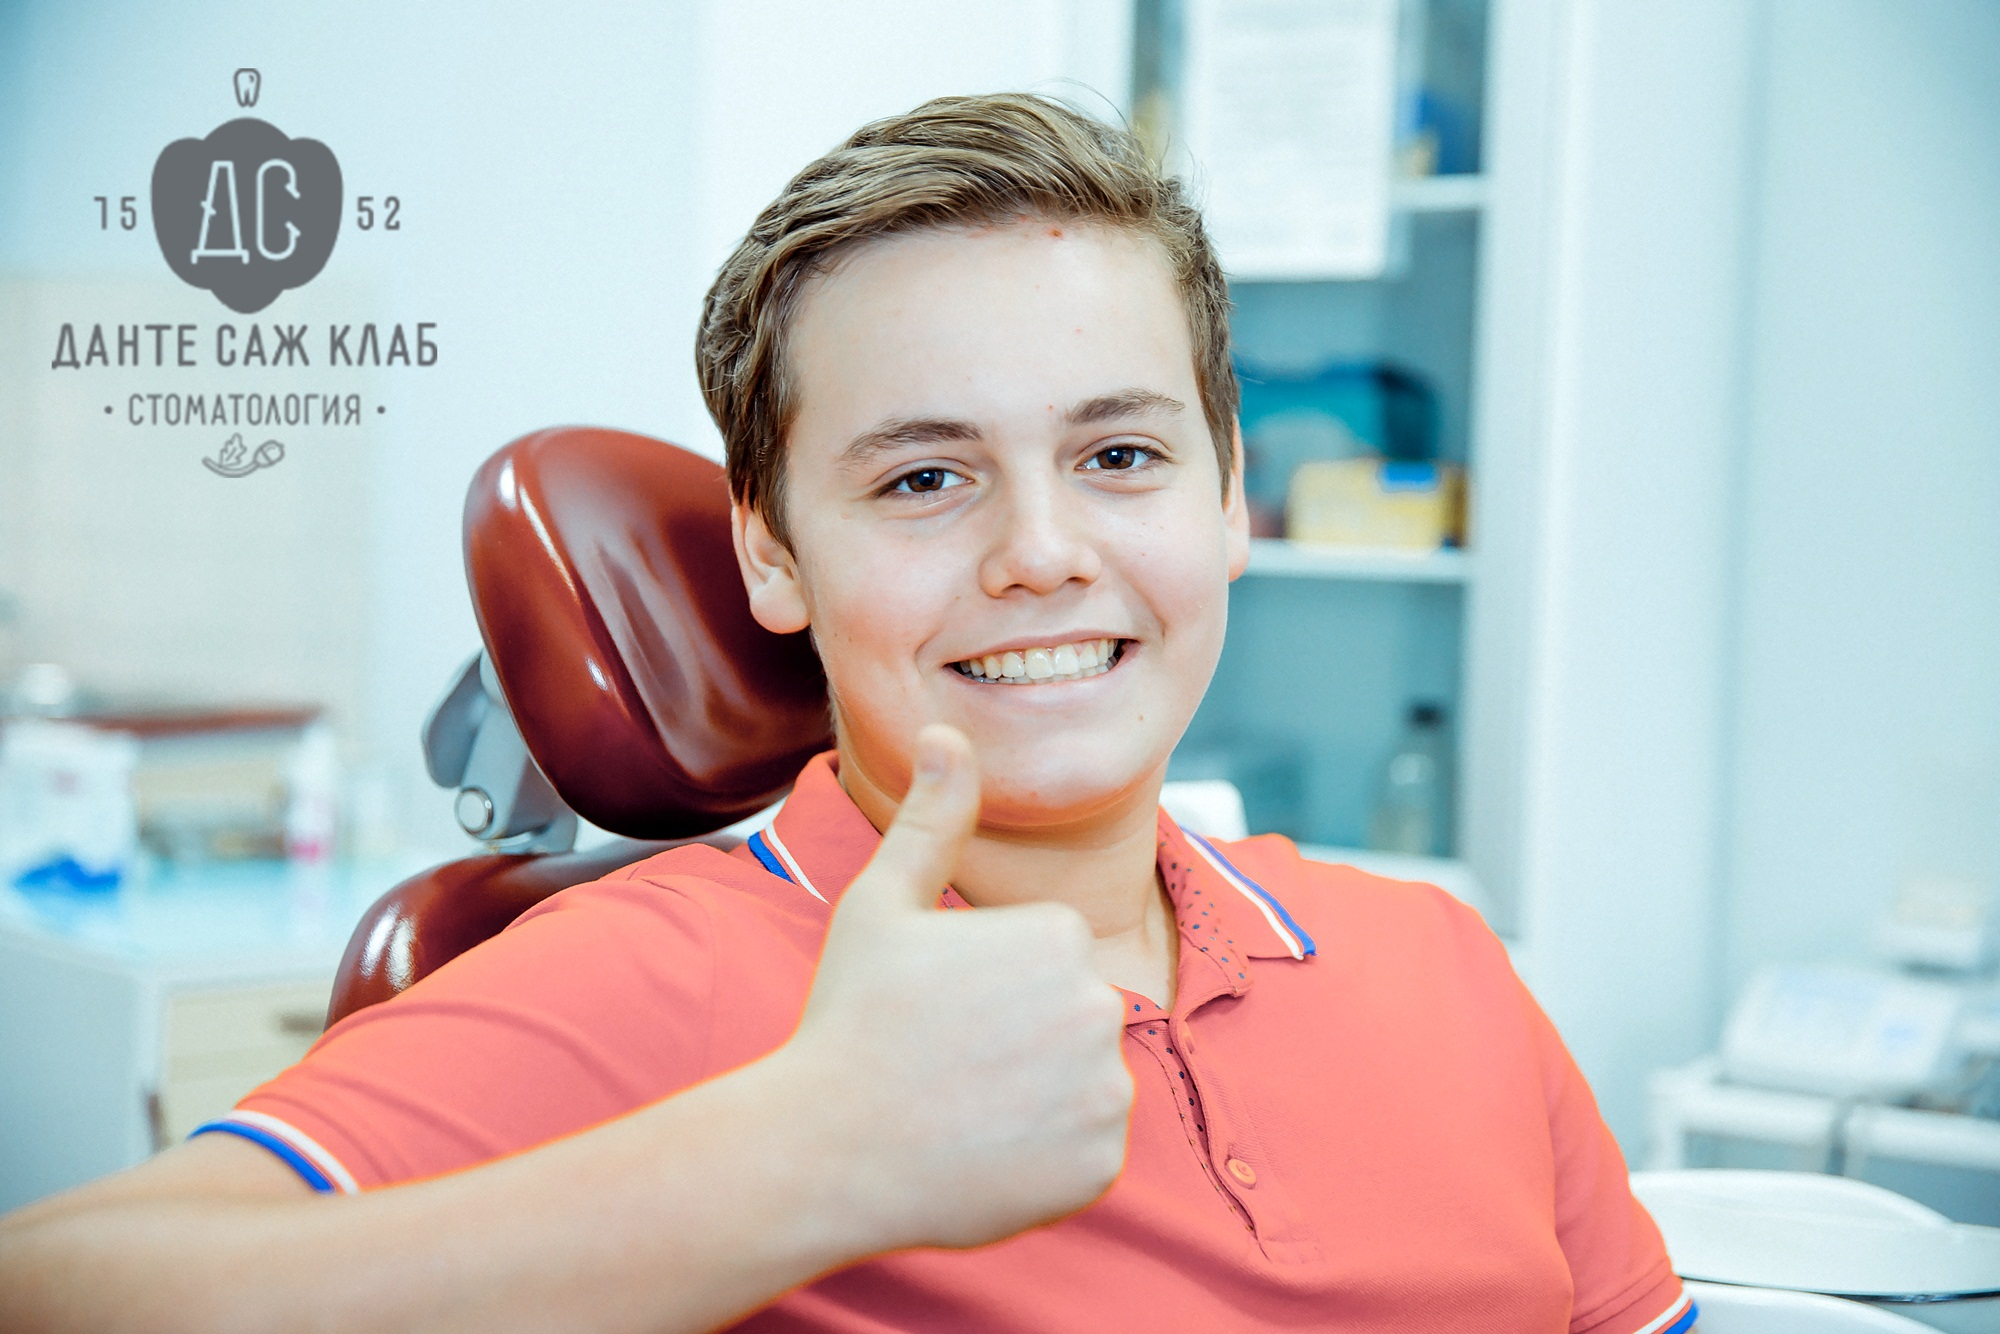 Блог им. fokinpr: Широкий спектр стоматологических услуг от Dante Sage Club – здоровье ваших зубов теперь в наших руках!